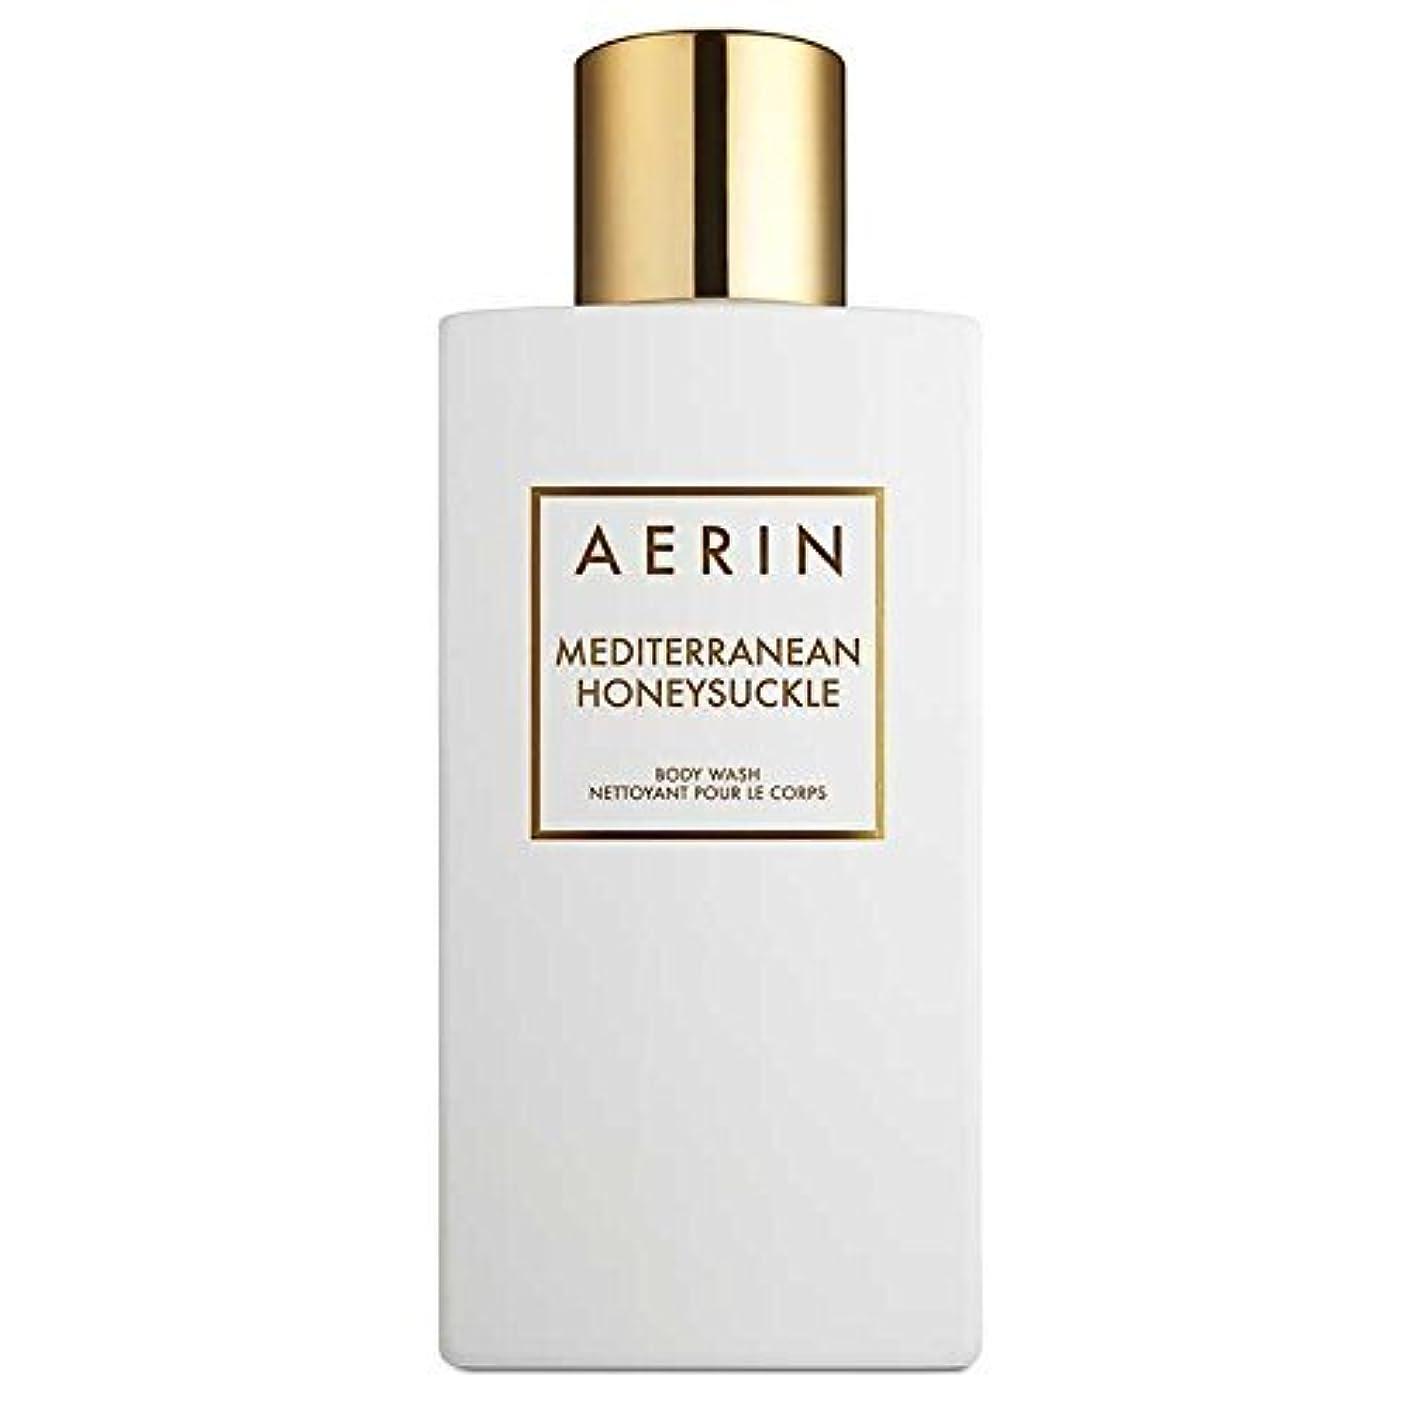 ピル騒ぎほとんどの場合AERIN Mediterranean Honeysuckle (アエリン メディタレーニアン ハニーサックル) 7.6 oz (228ml) Body Wash ボディーウオッシュ by Estee Lauder for...